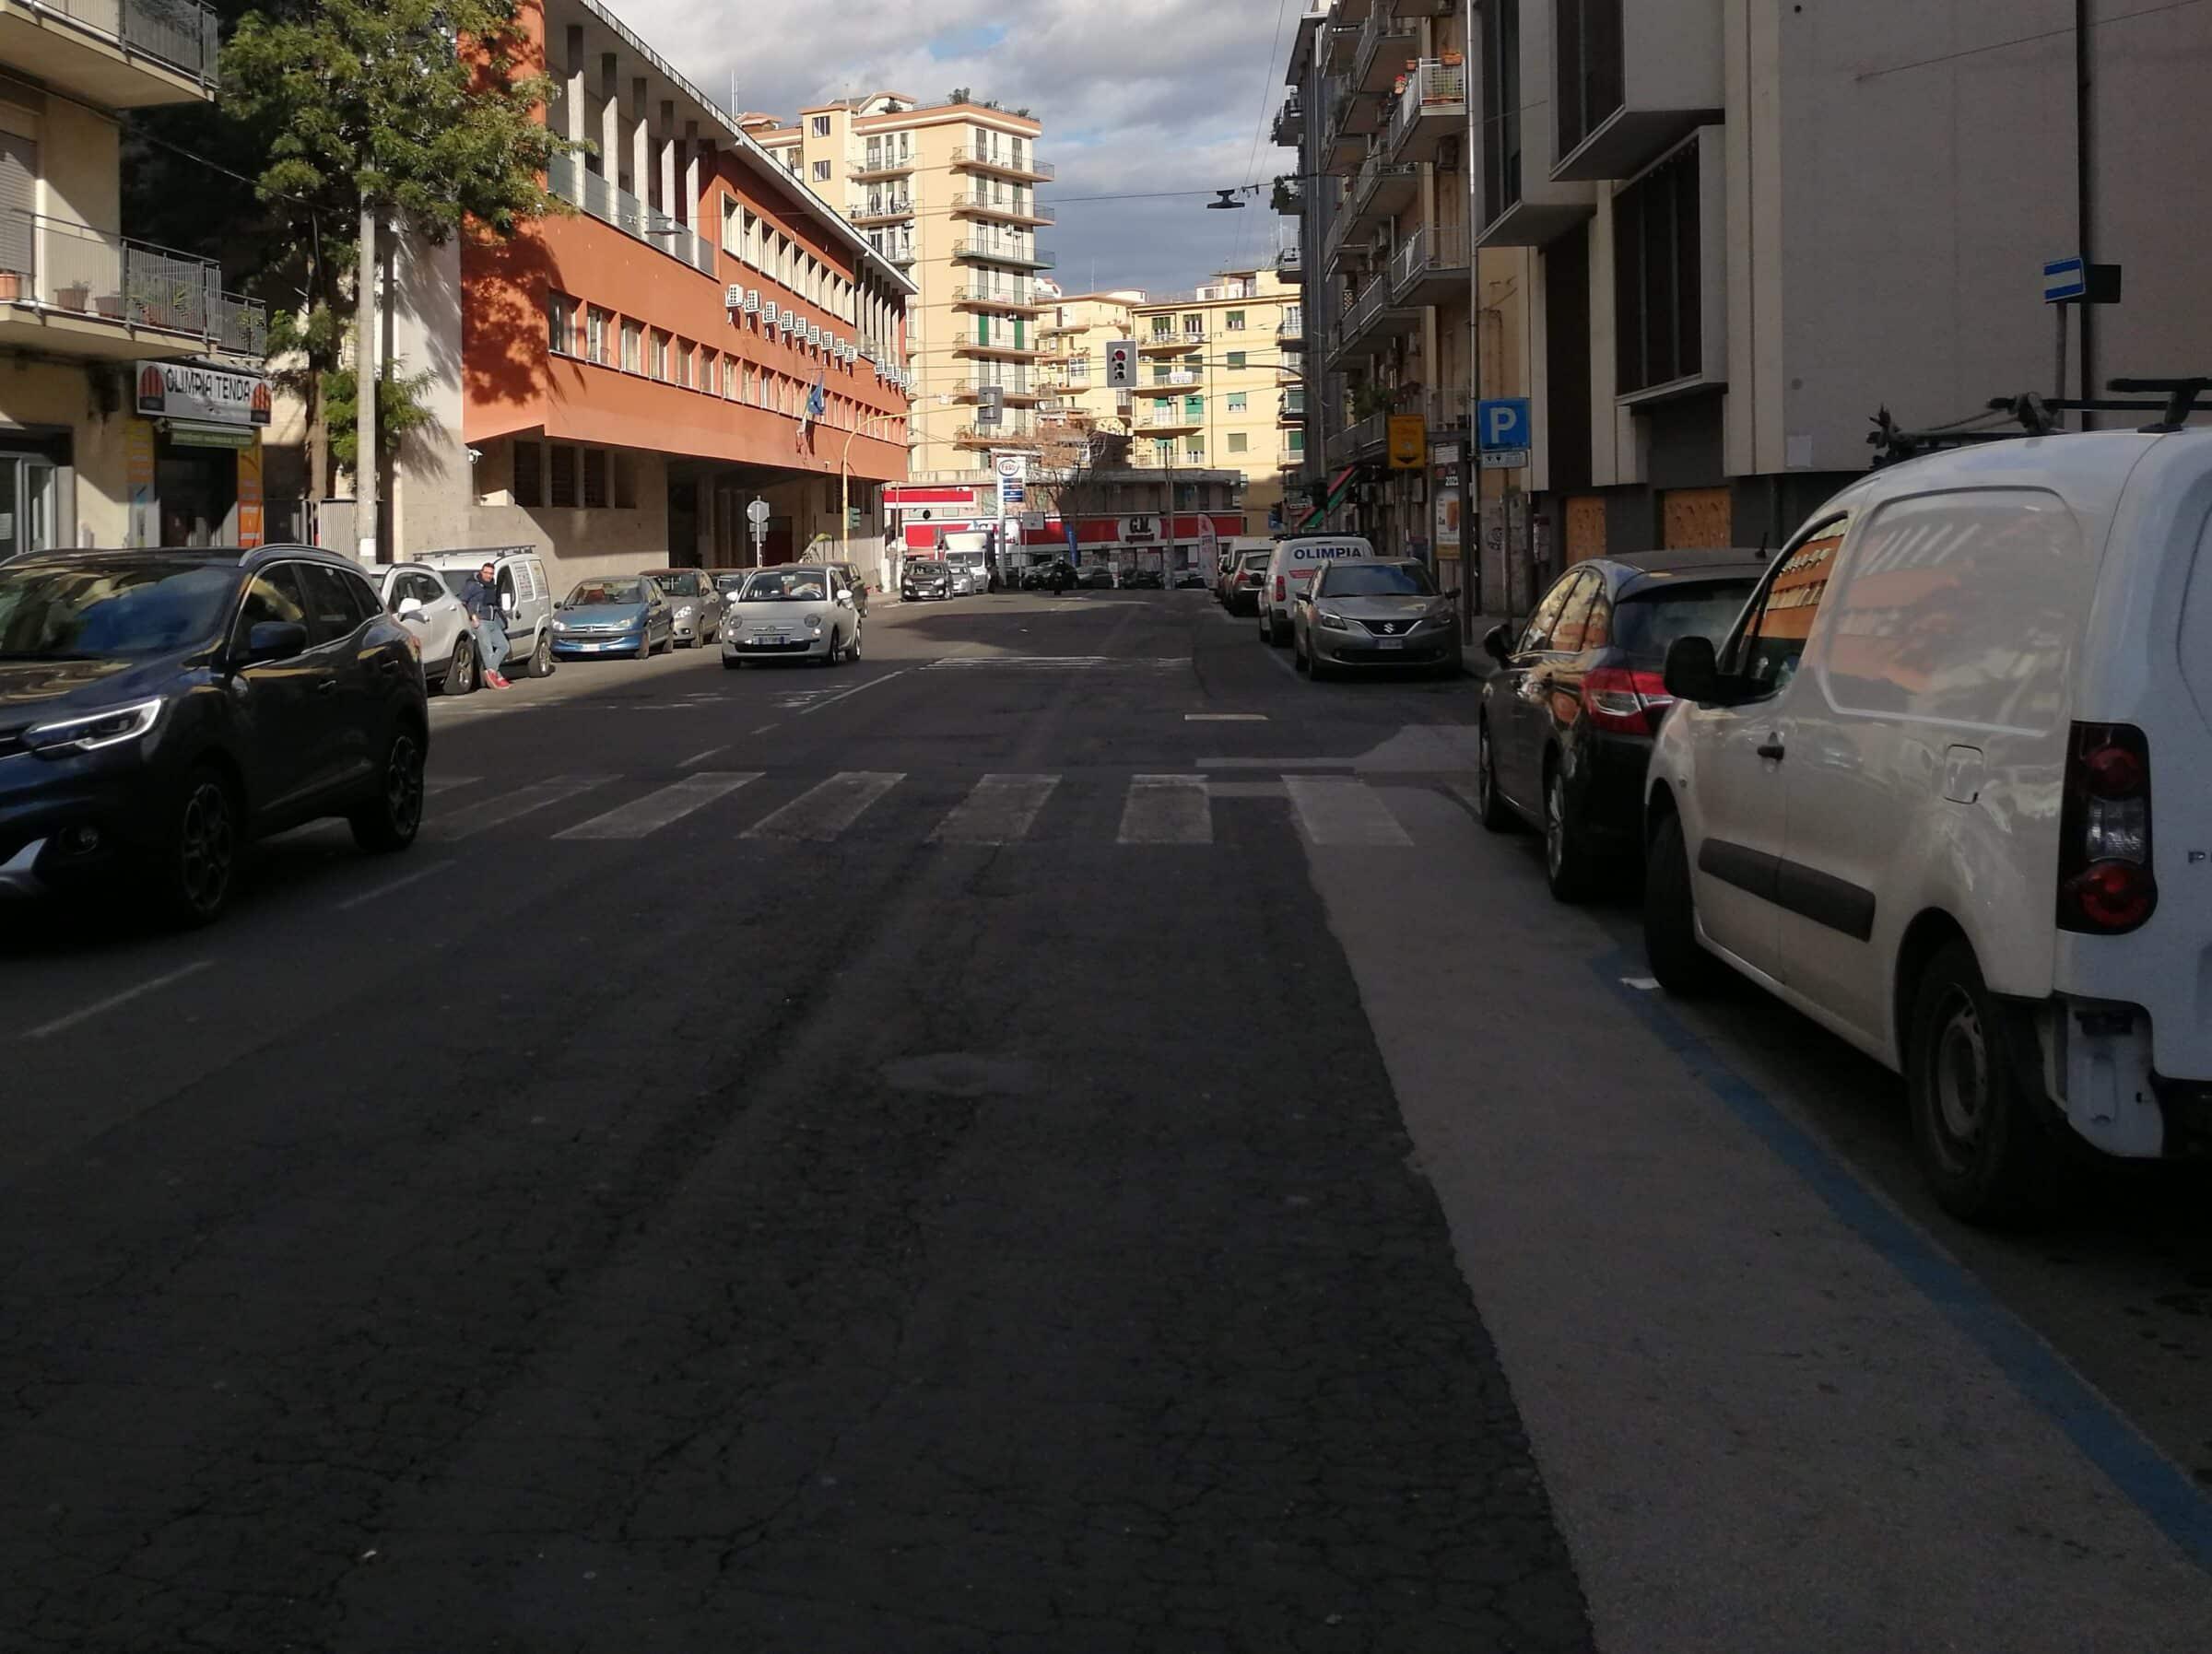 Apertura delle scuole a Catania: un piano per evitare il traffico del presidente Ferrara